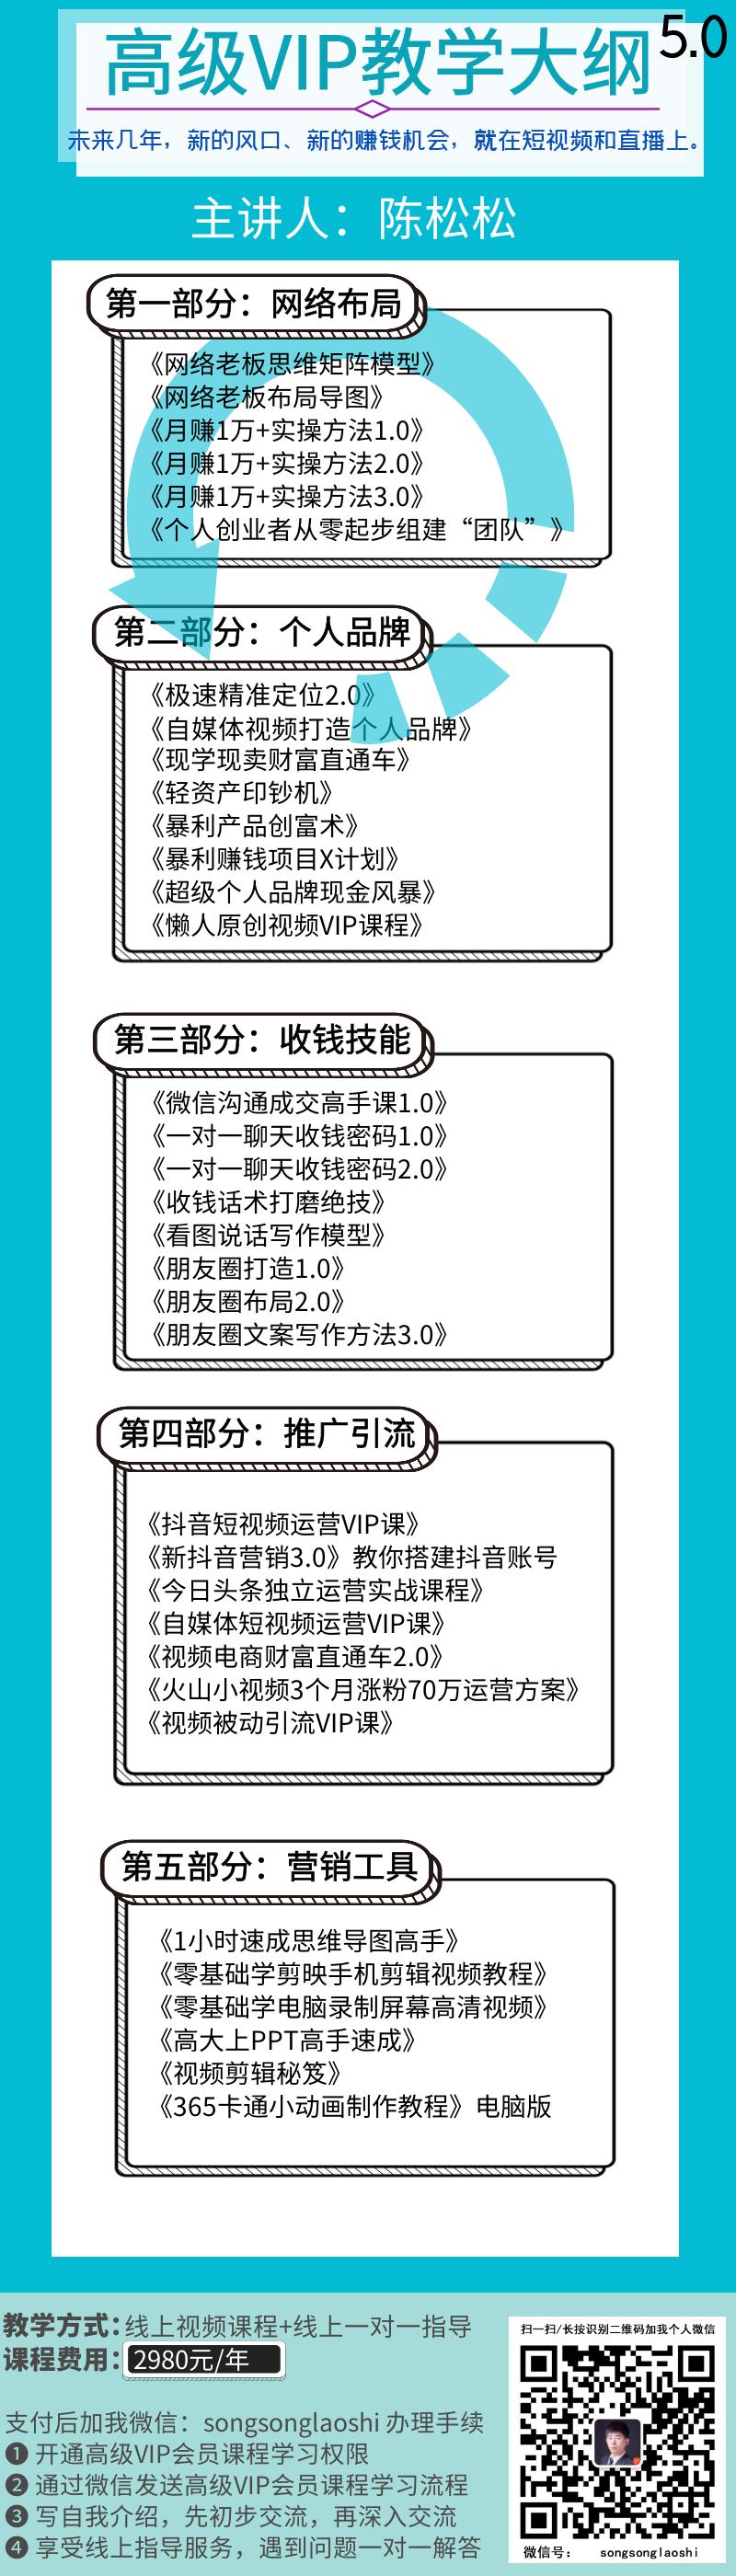 重新认识一下《高级VIP会员5.0》-系统化学习短视频营销